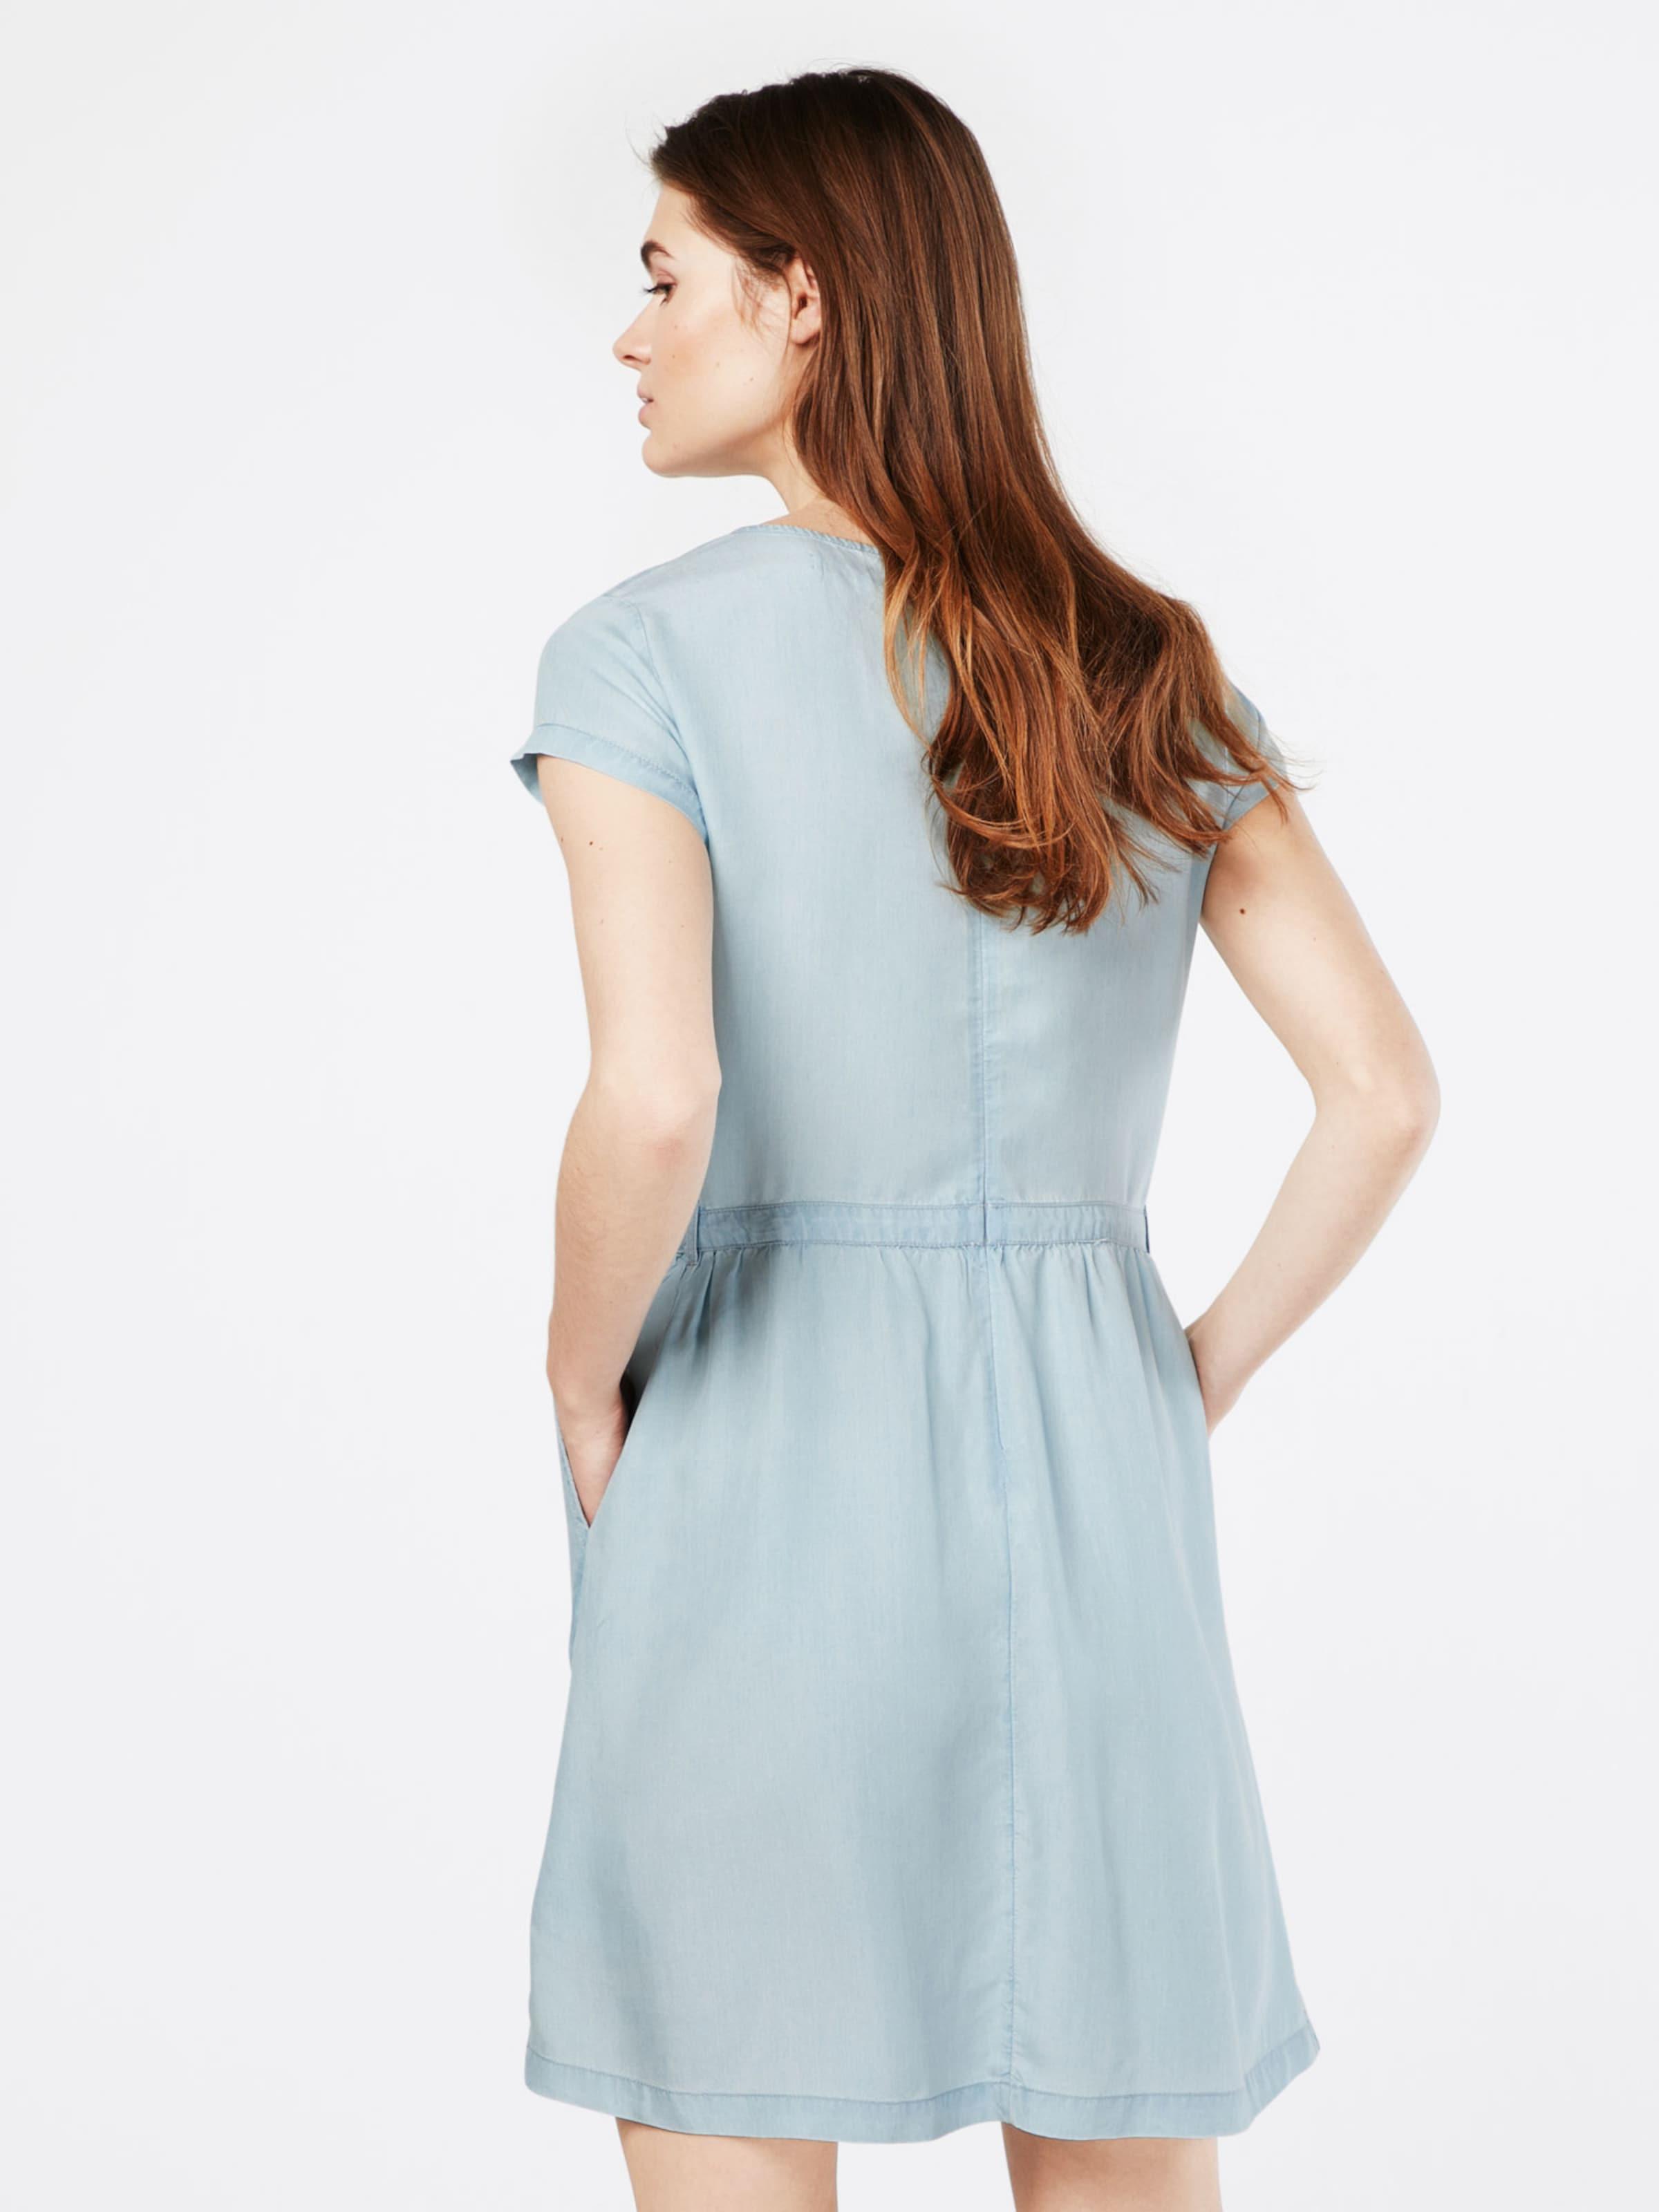 Günstig Kaufen Spielraum Store ABOUT YOU Kleid 'Clara' Freies Verschiffen Großhandelspreis Outlet Billige Qualität 0UyOpyzoz